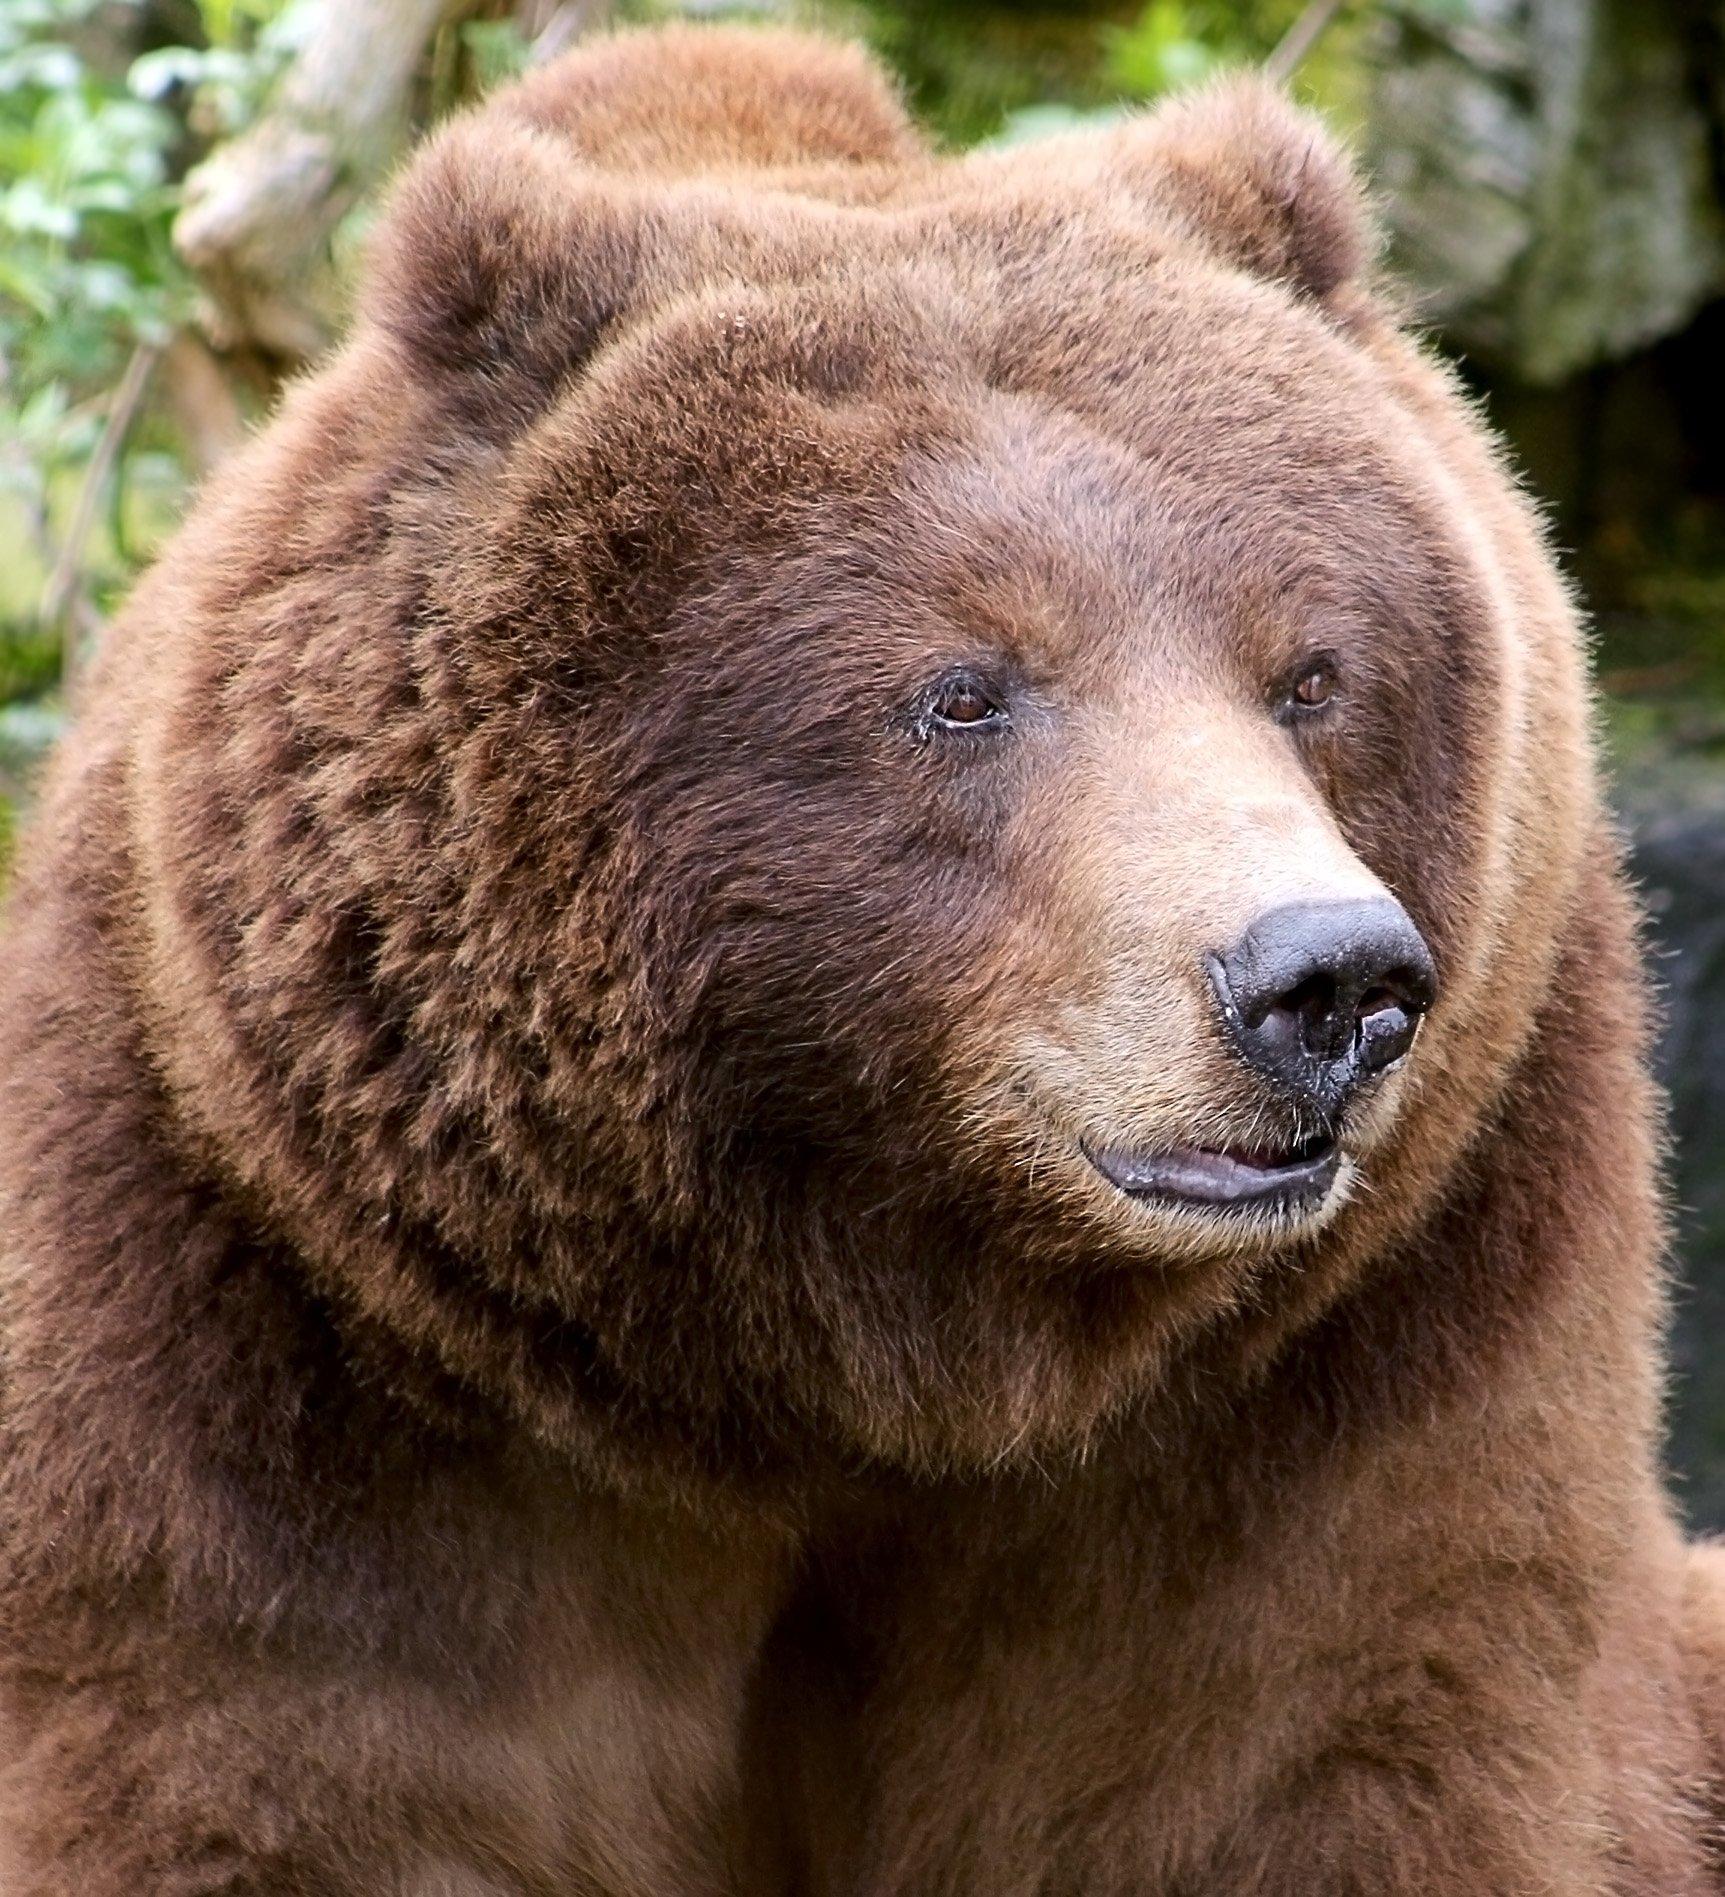 вам основу четкие фото медведь него всё ещё